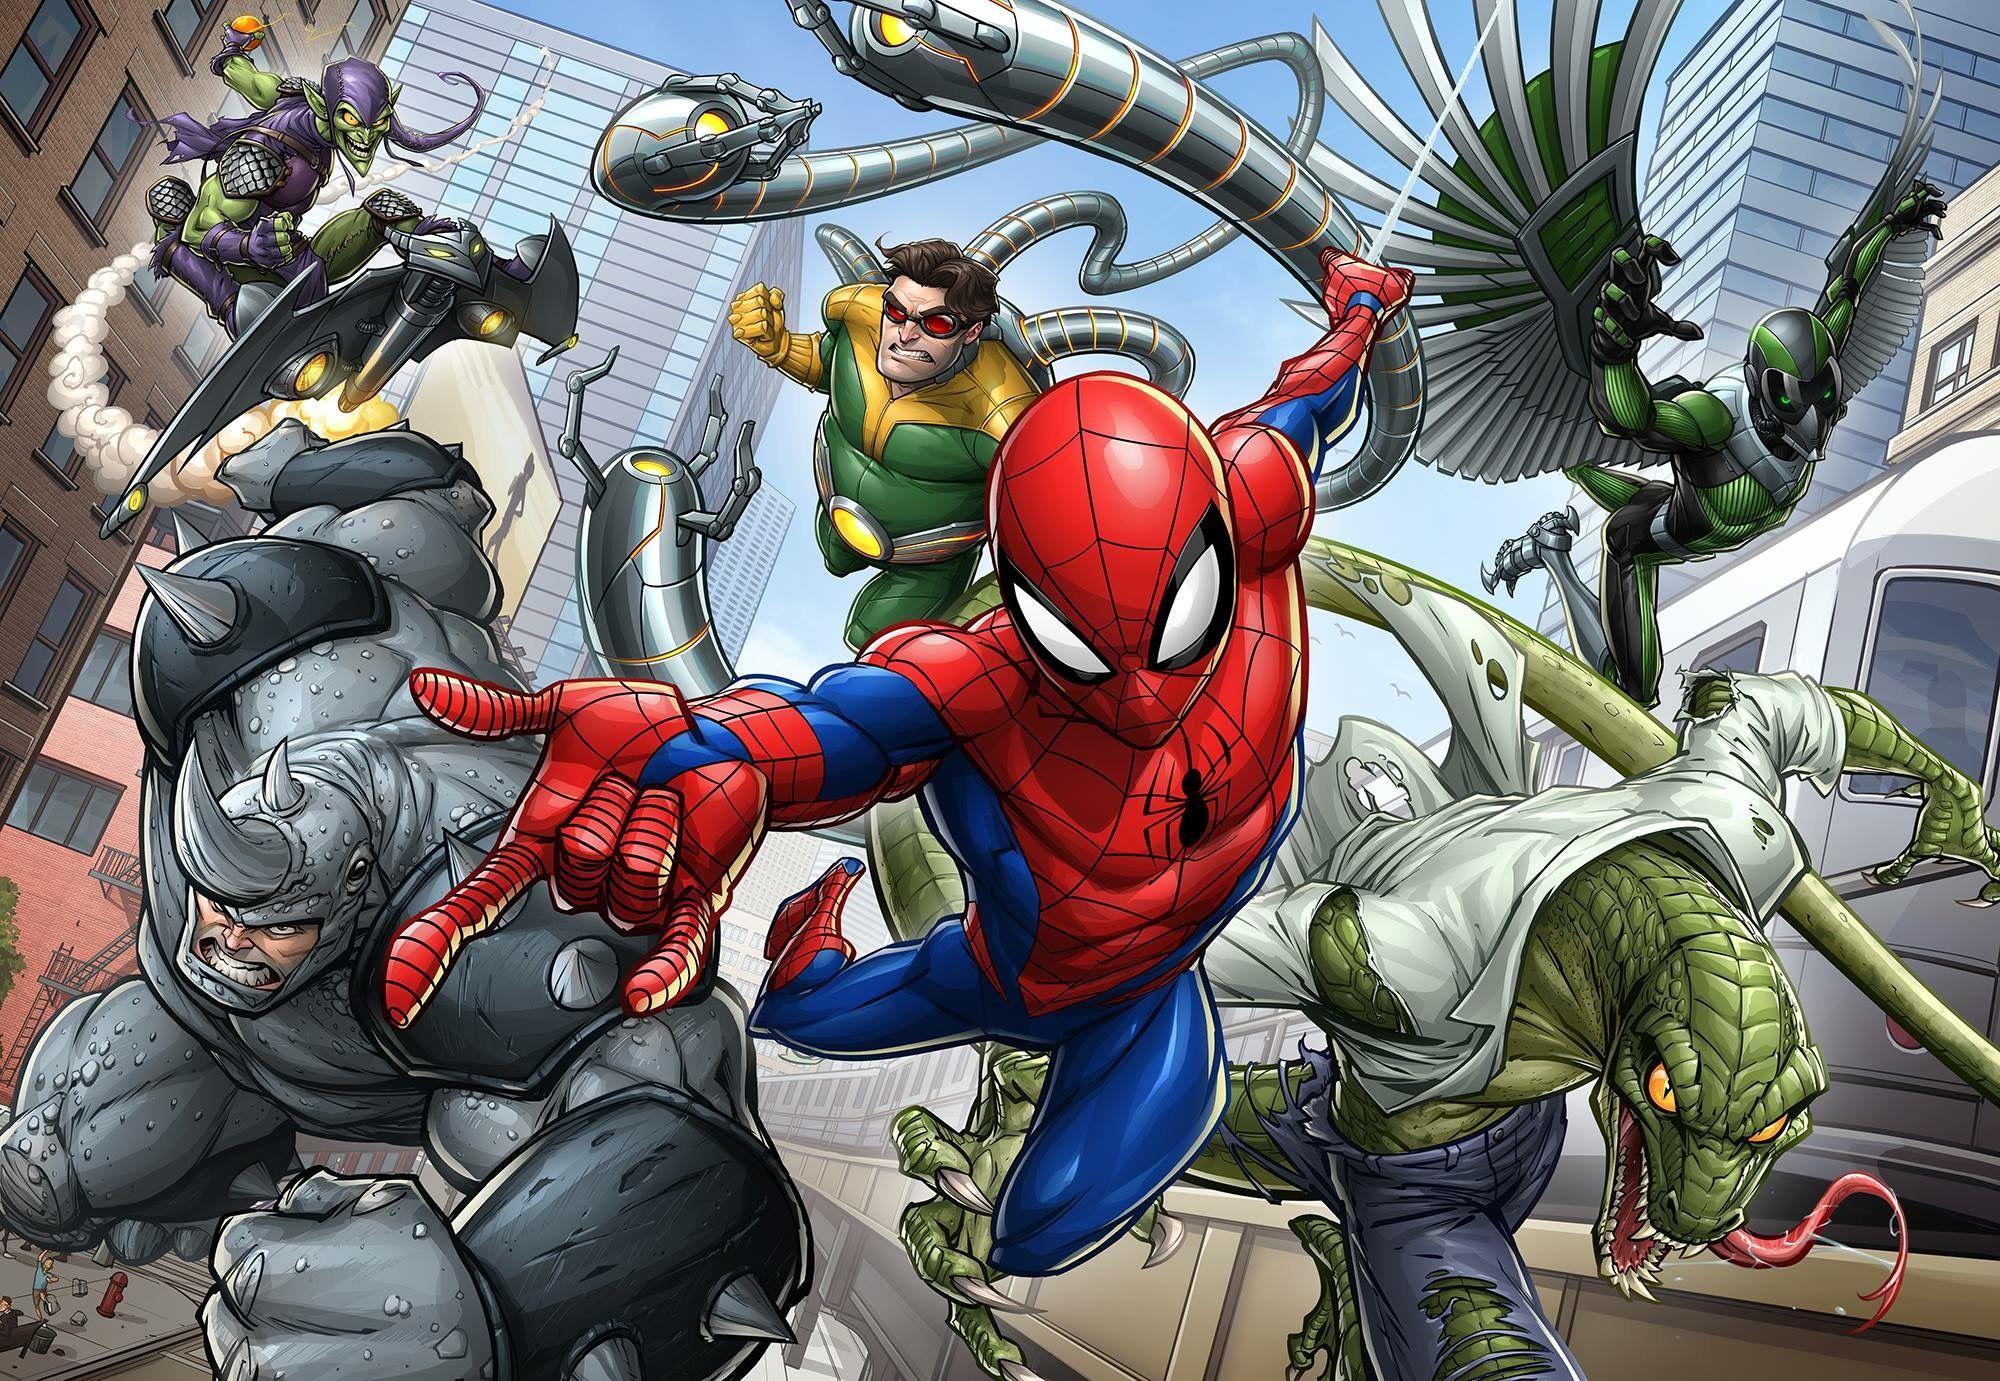 Spider Man Movie Villains Spider Man Animated Series Marvel Spiderman Spiderman